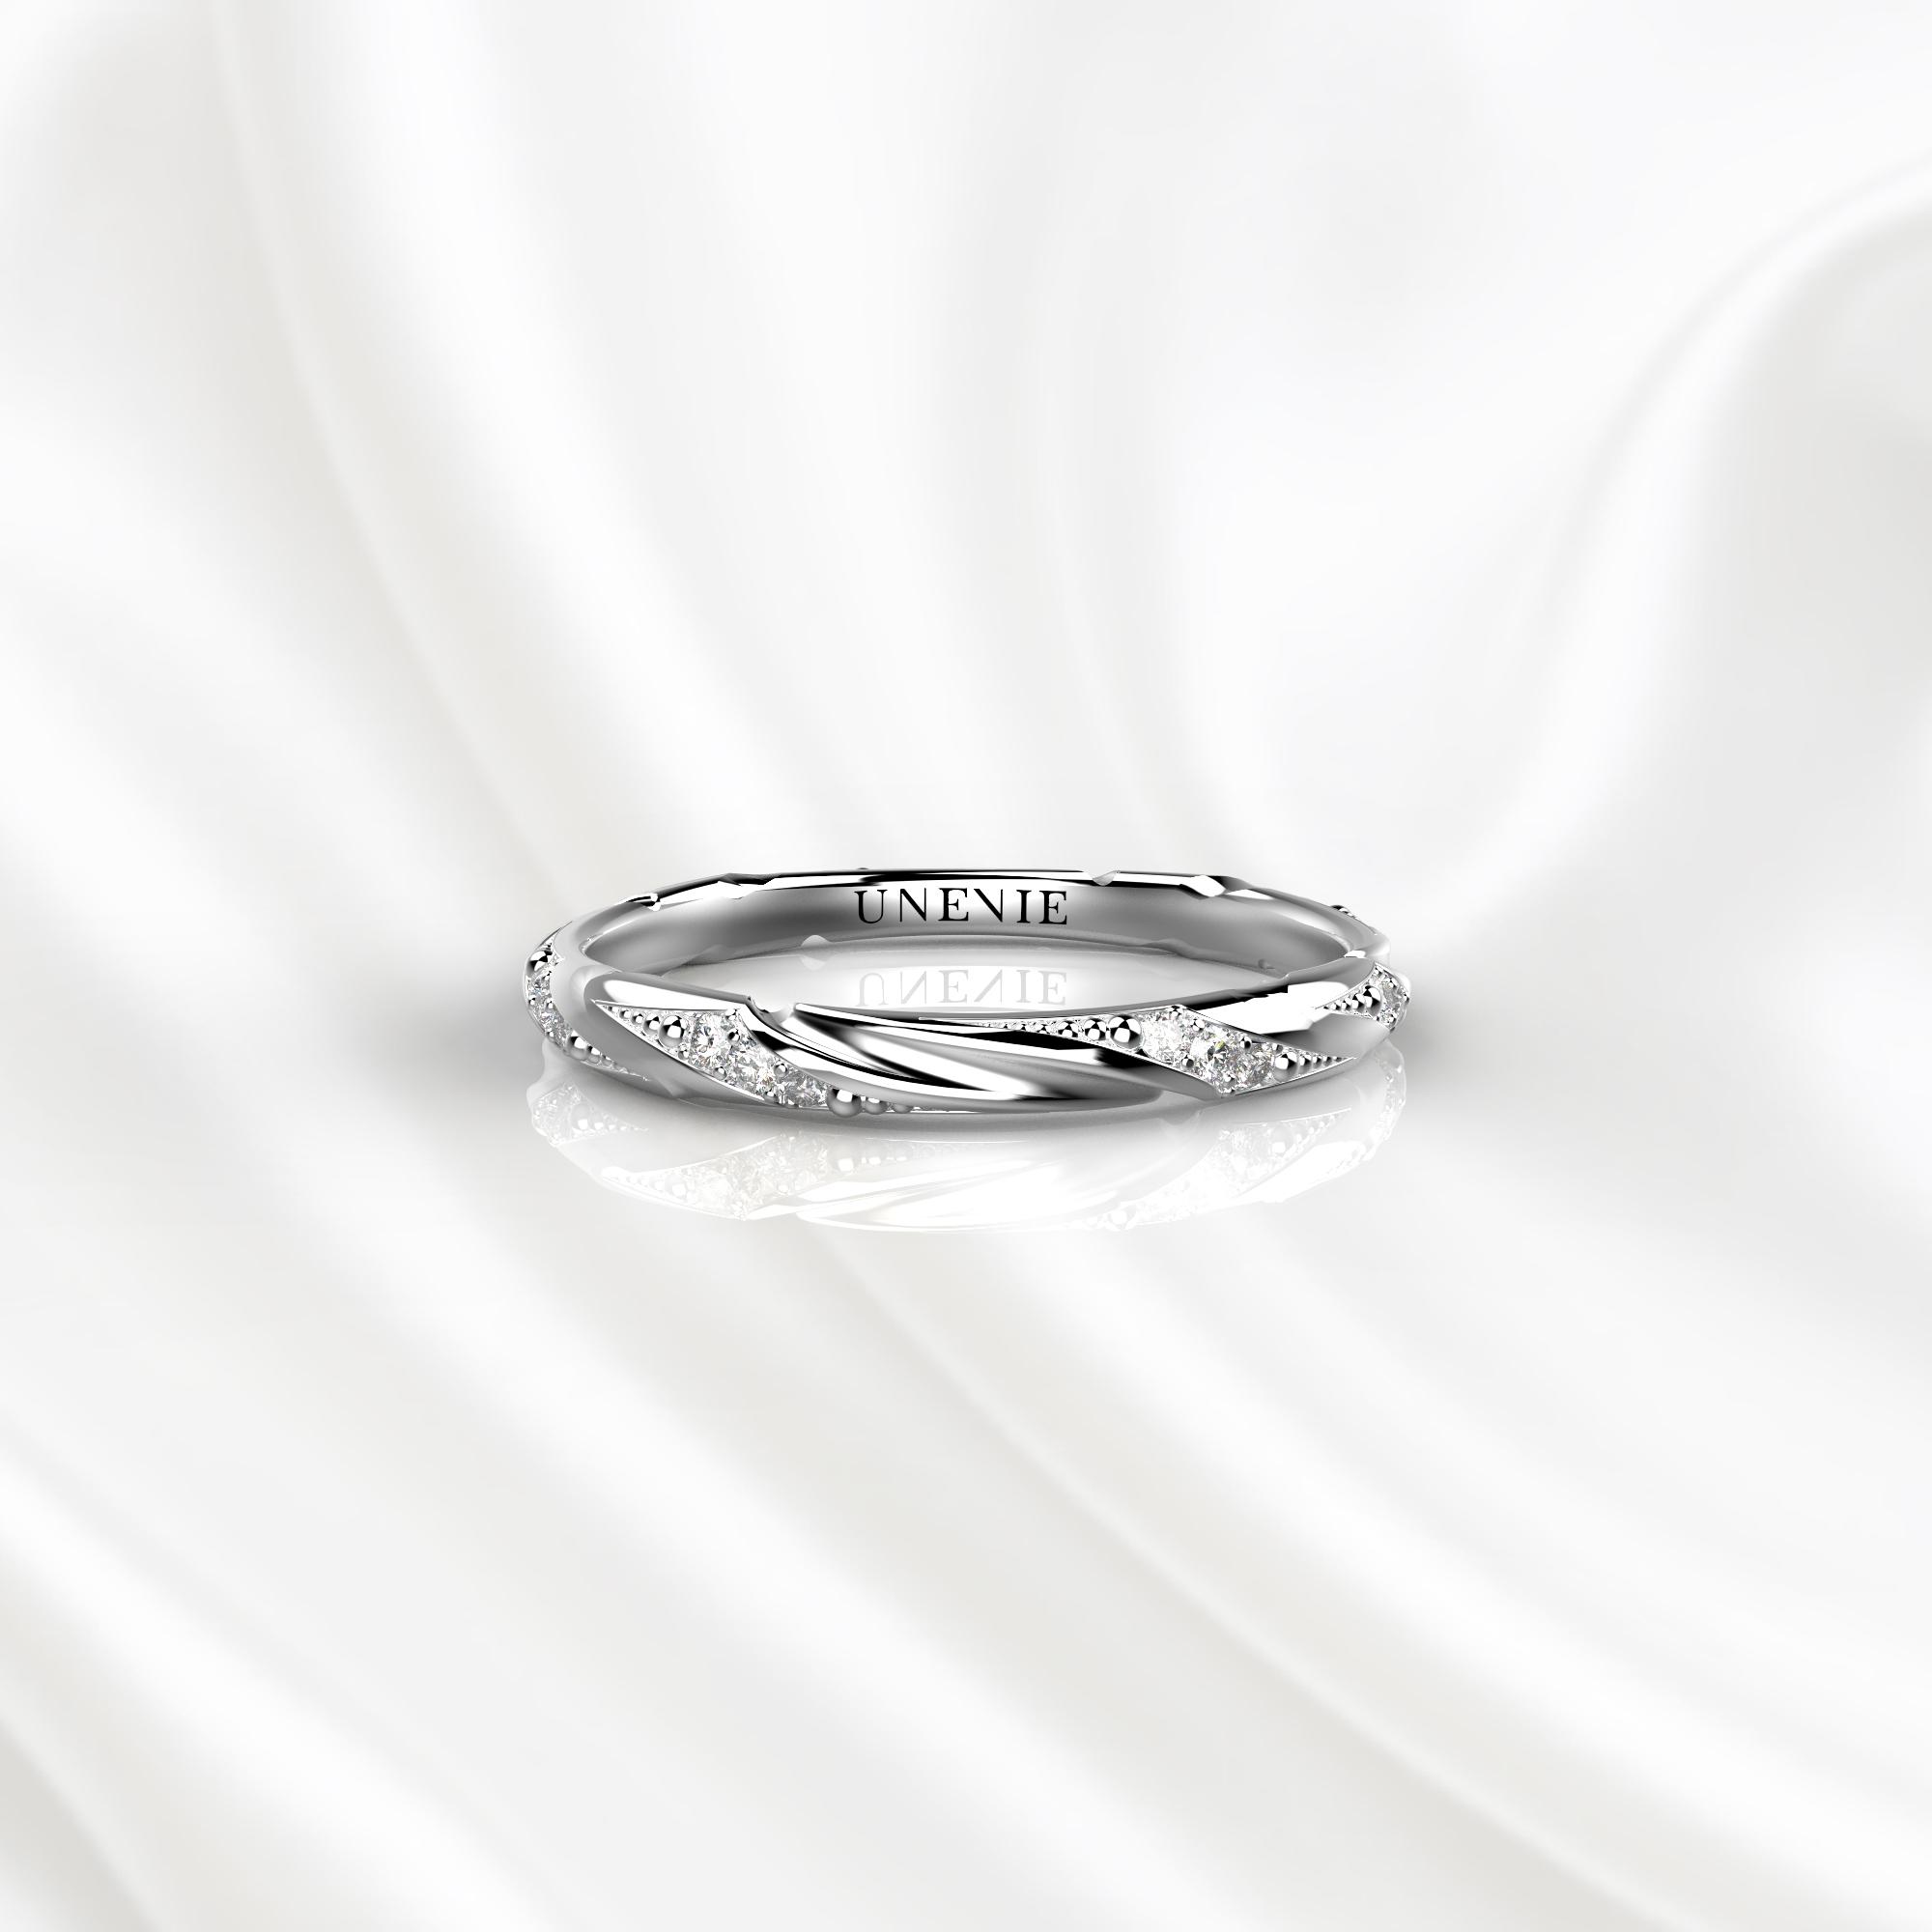 E19 Обручальное кольцо из белого золота с бриллиантами